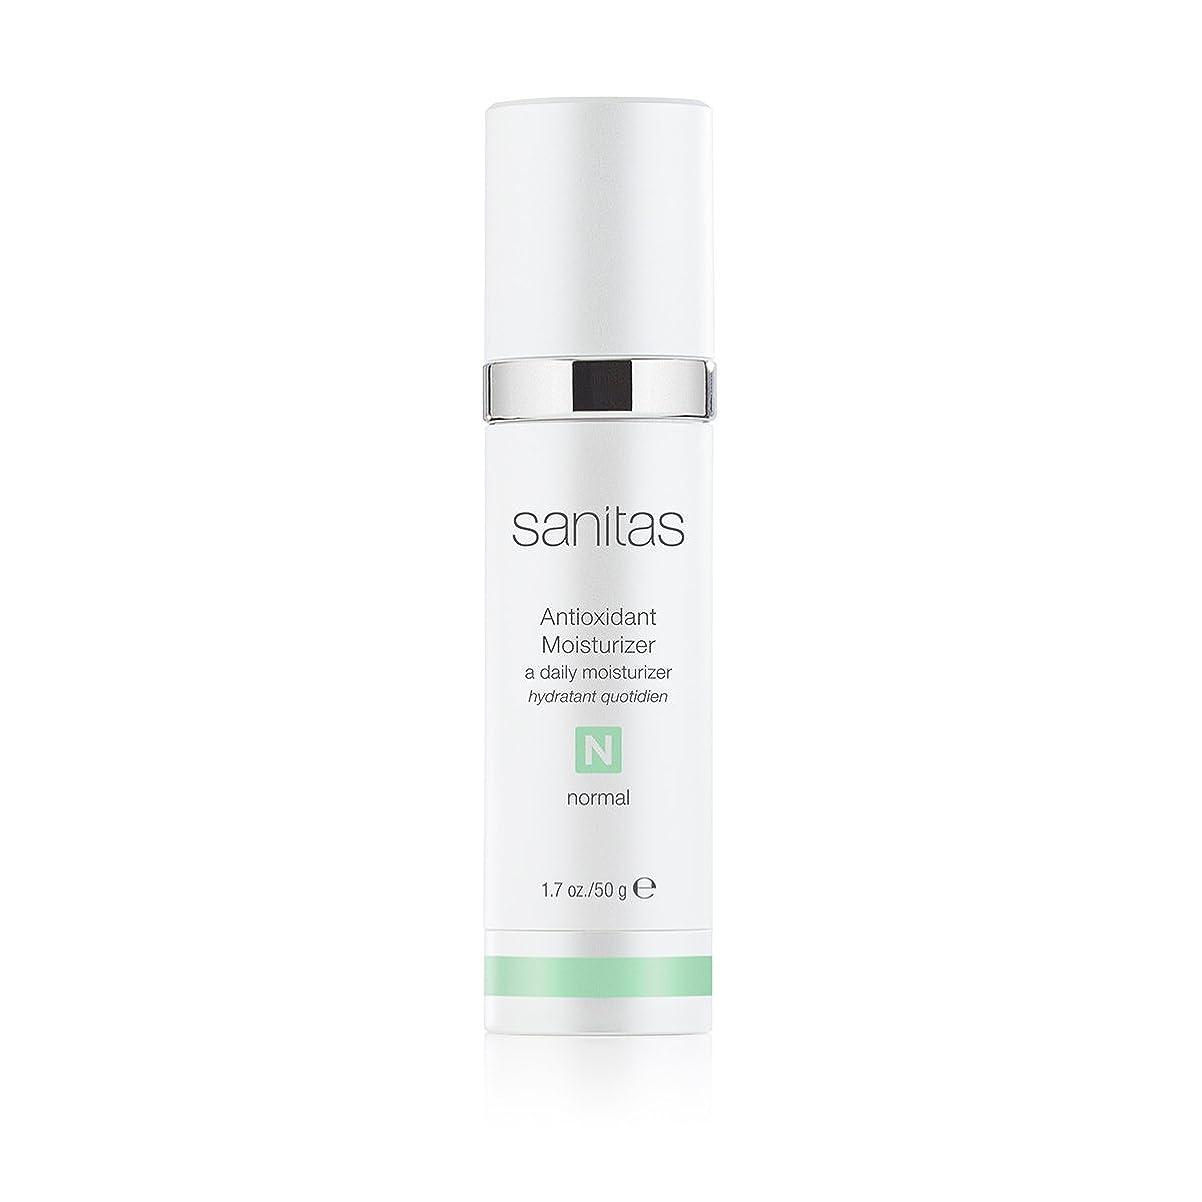 挽くたぶん第Sanitas Skincare サニタスプログレッシブスキンヘルス抗酸化モイスチャライザー50G